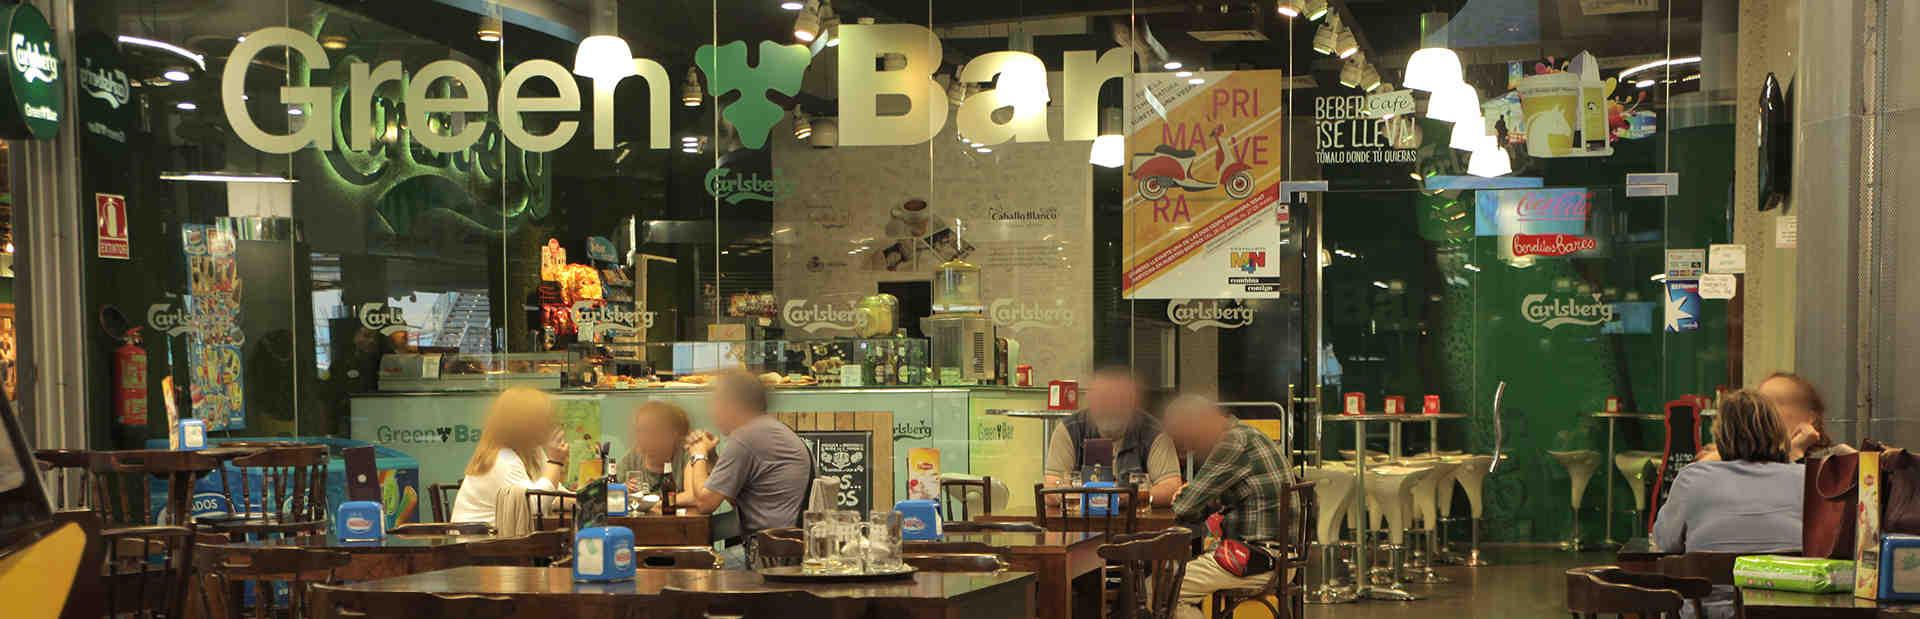 green bar mn4